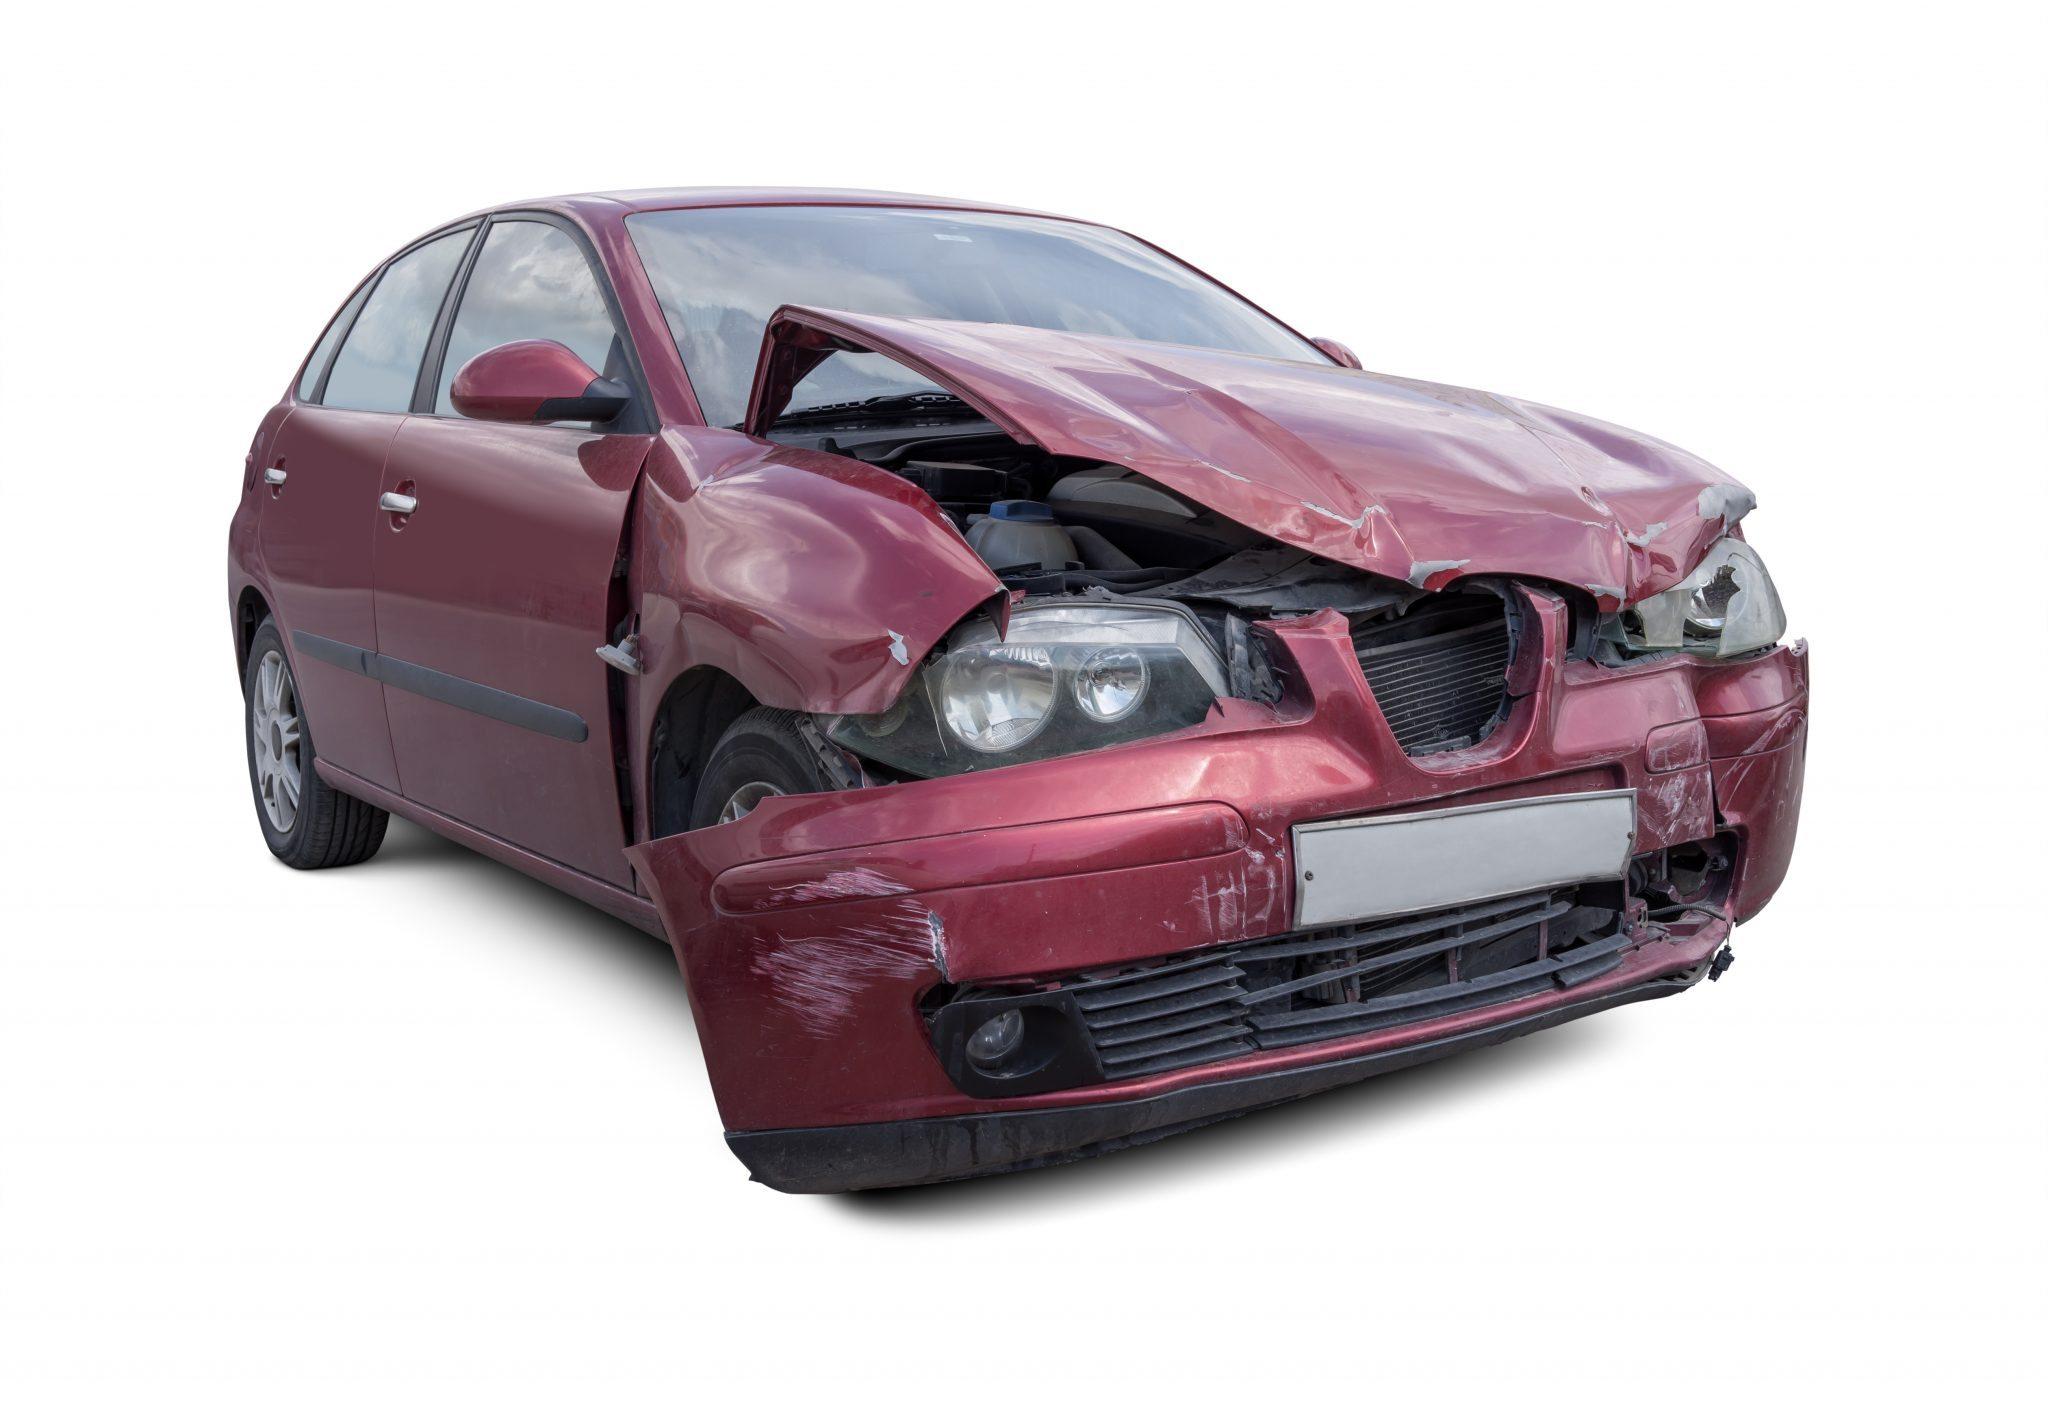 Damaged car isolated on white background.